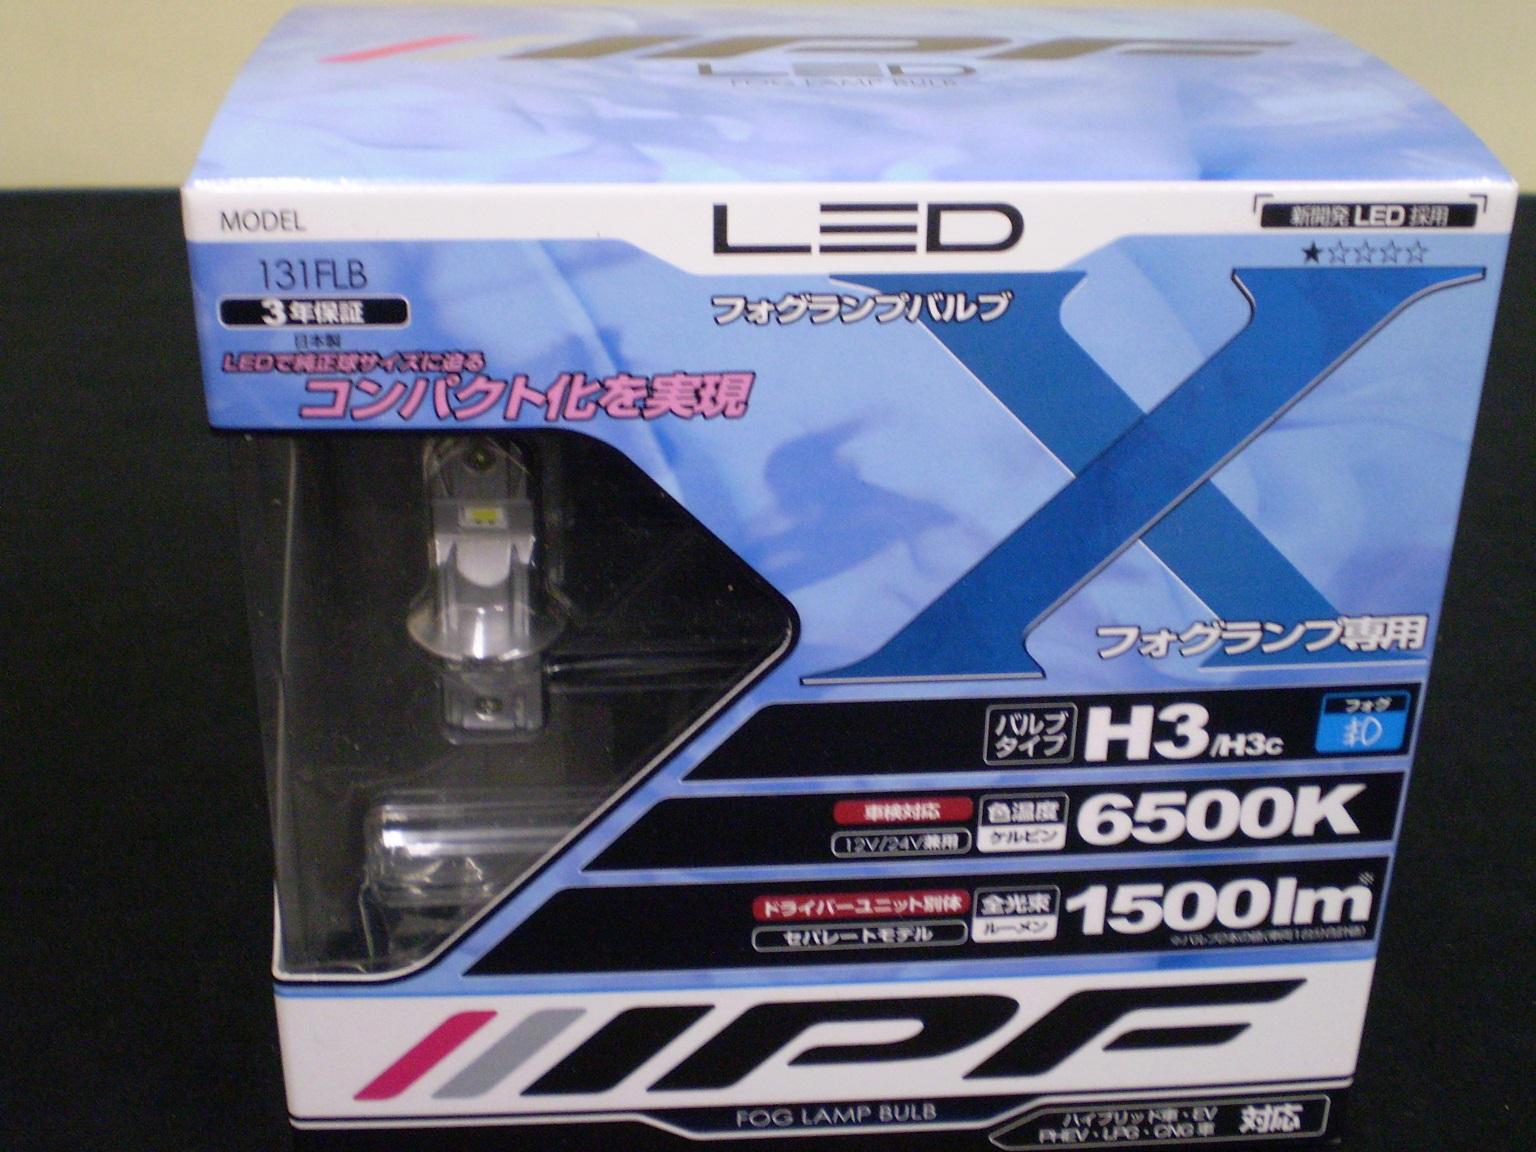 IPF LED フォグ ライト 6500K H3 / H3c 131FLB 1500ルーメン 車検対応 3年保証 led フォグ ライト